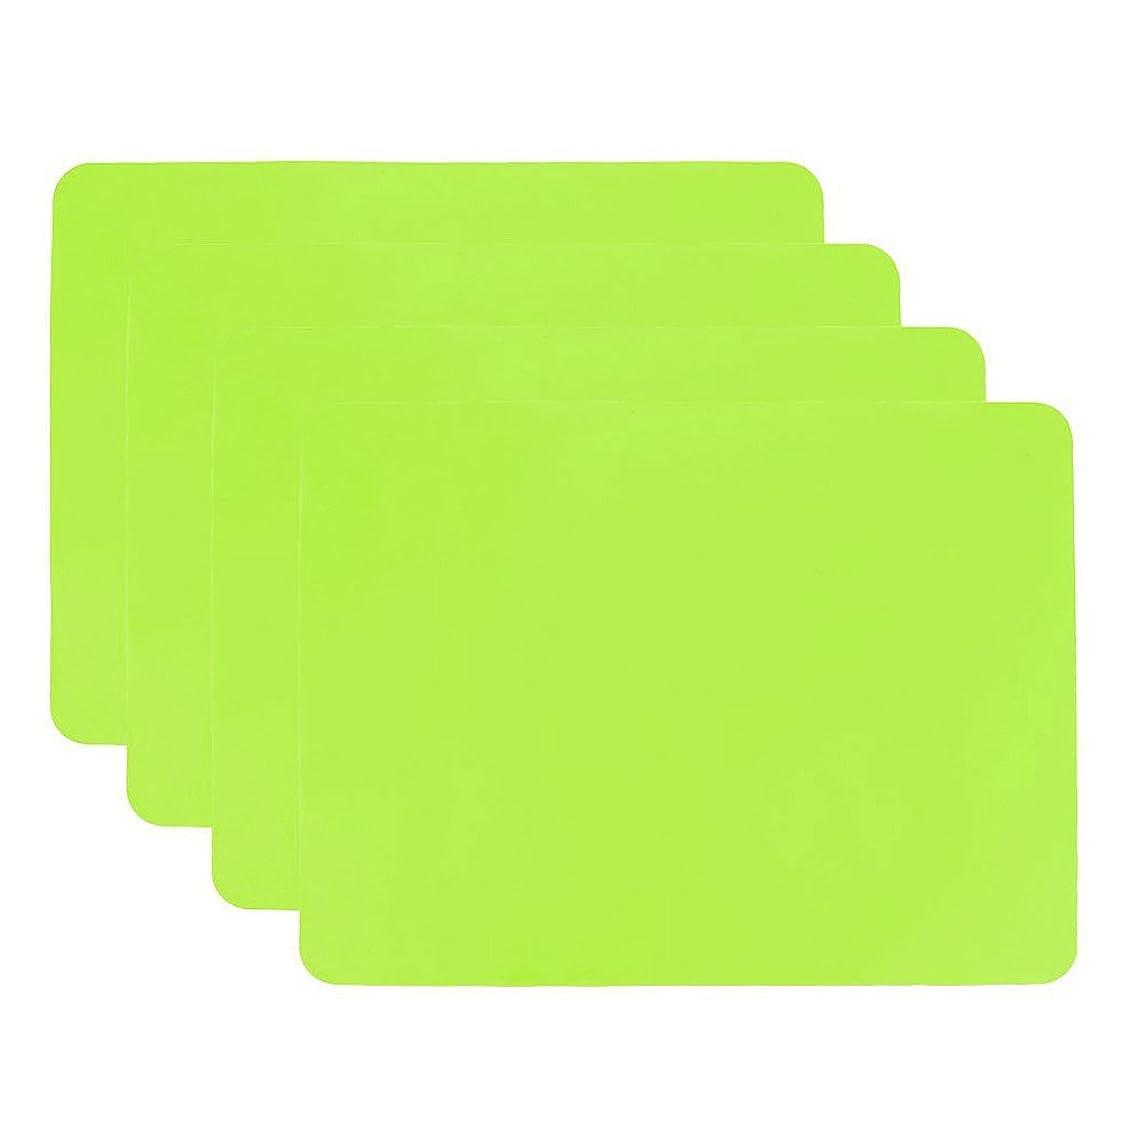 盆汗辞任するシリコン、プレースマットSilicone Baking Mat Non Stick haranges耐熱マット再利用可能なテーブルマットKids Mealプレースマット、ノンスリップ防水柔軟なシリコンマットのセット4?( 15.8?× 11.9?× 0.03インチ) グリーン Haranges-placemat-003